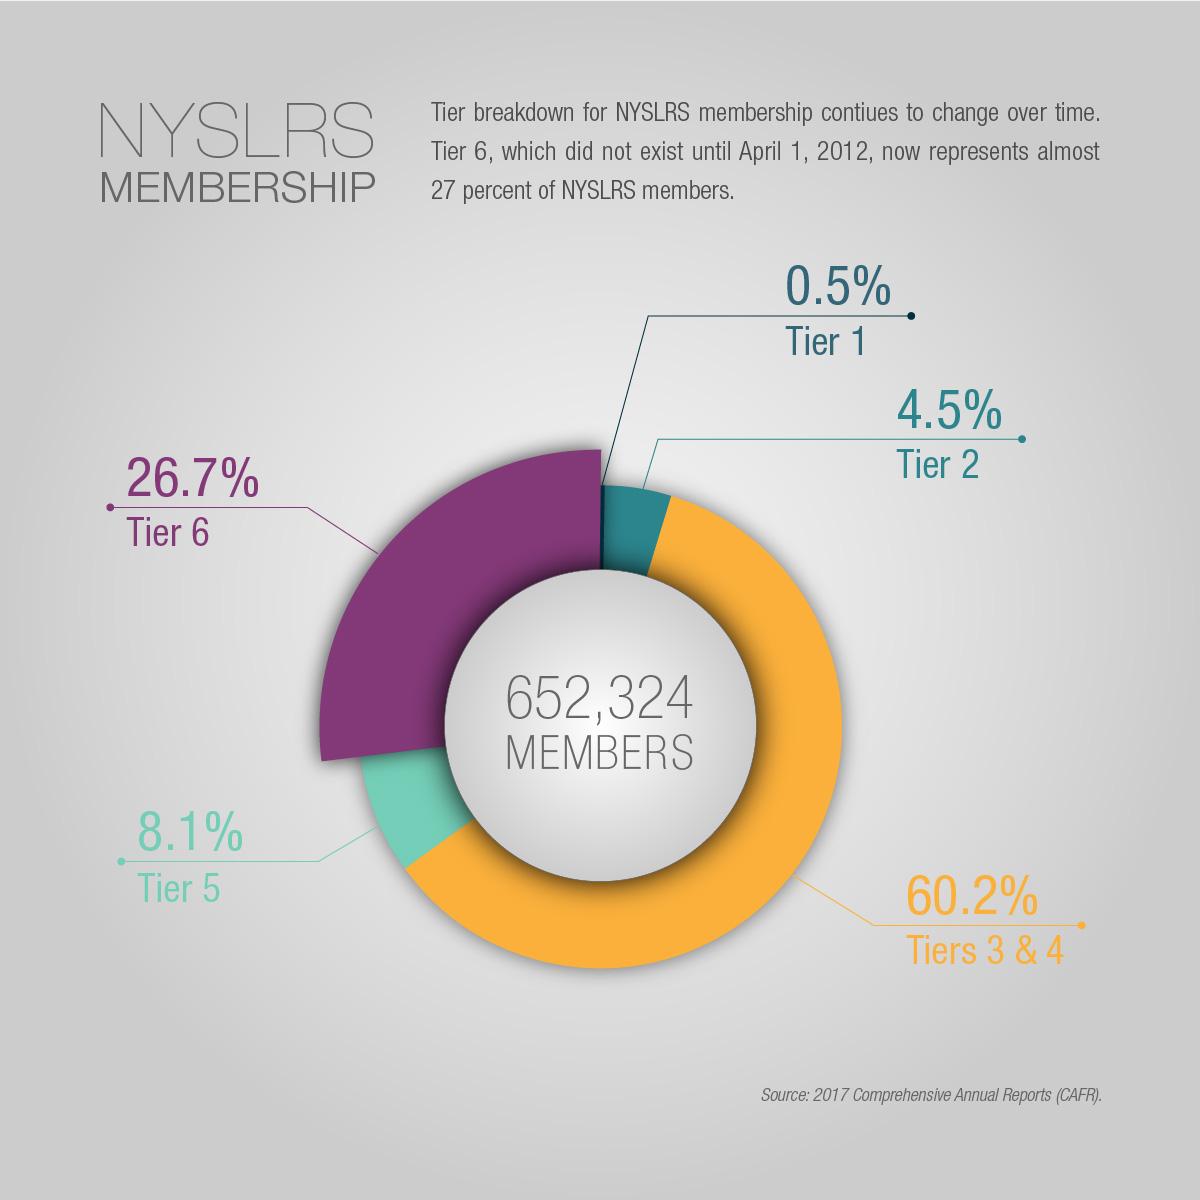 NYSLRS' Membership